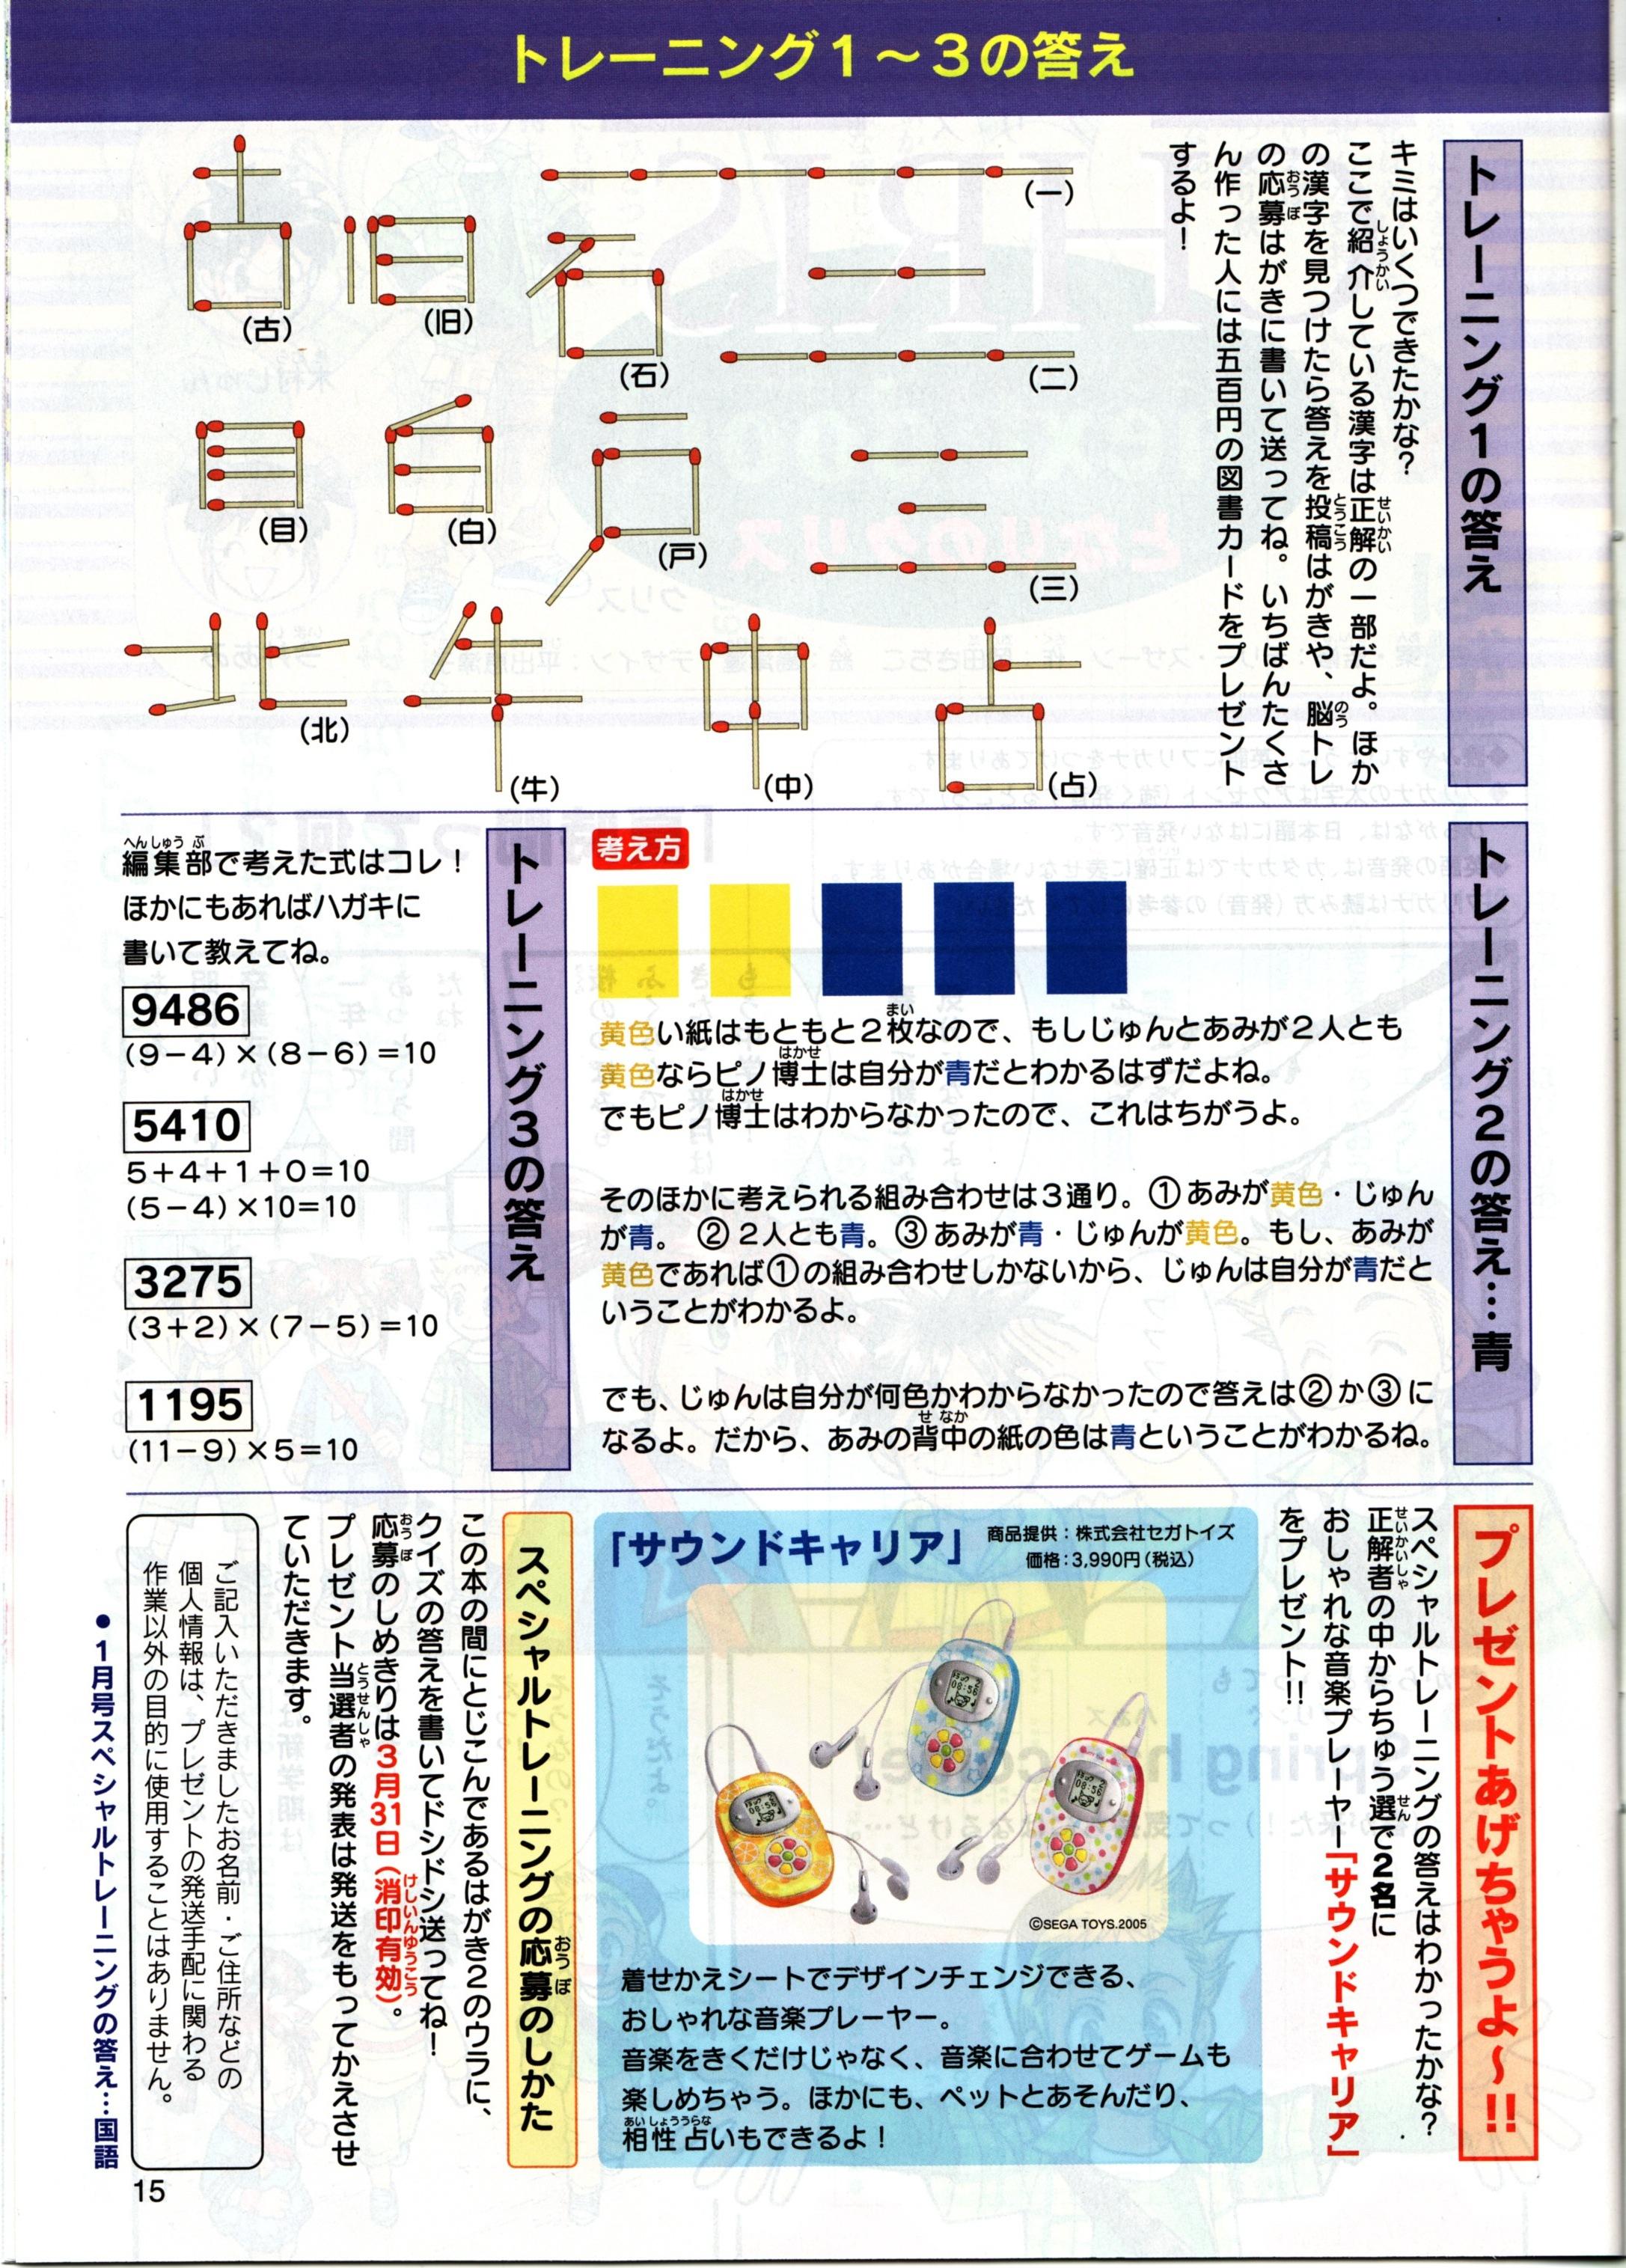 小6ポピーあそびんぴっく(こども情報誌)内容